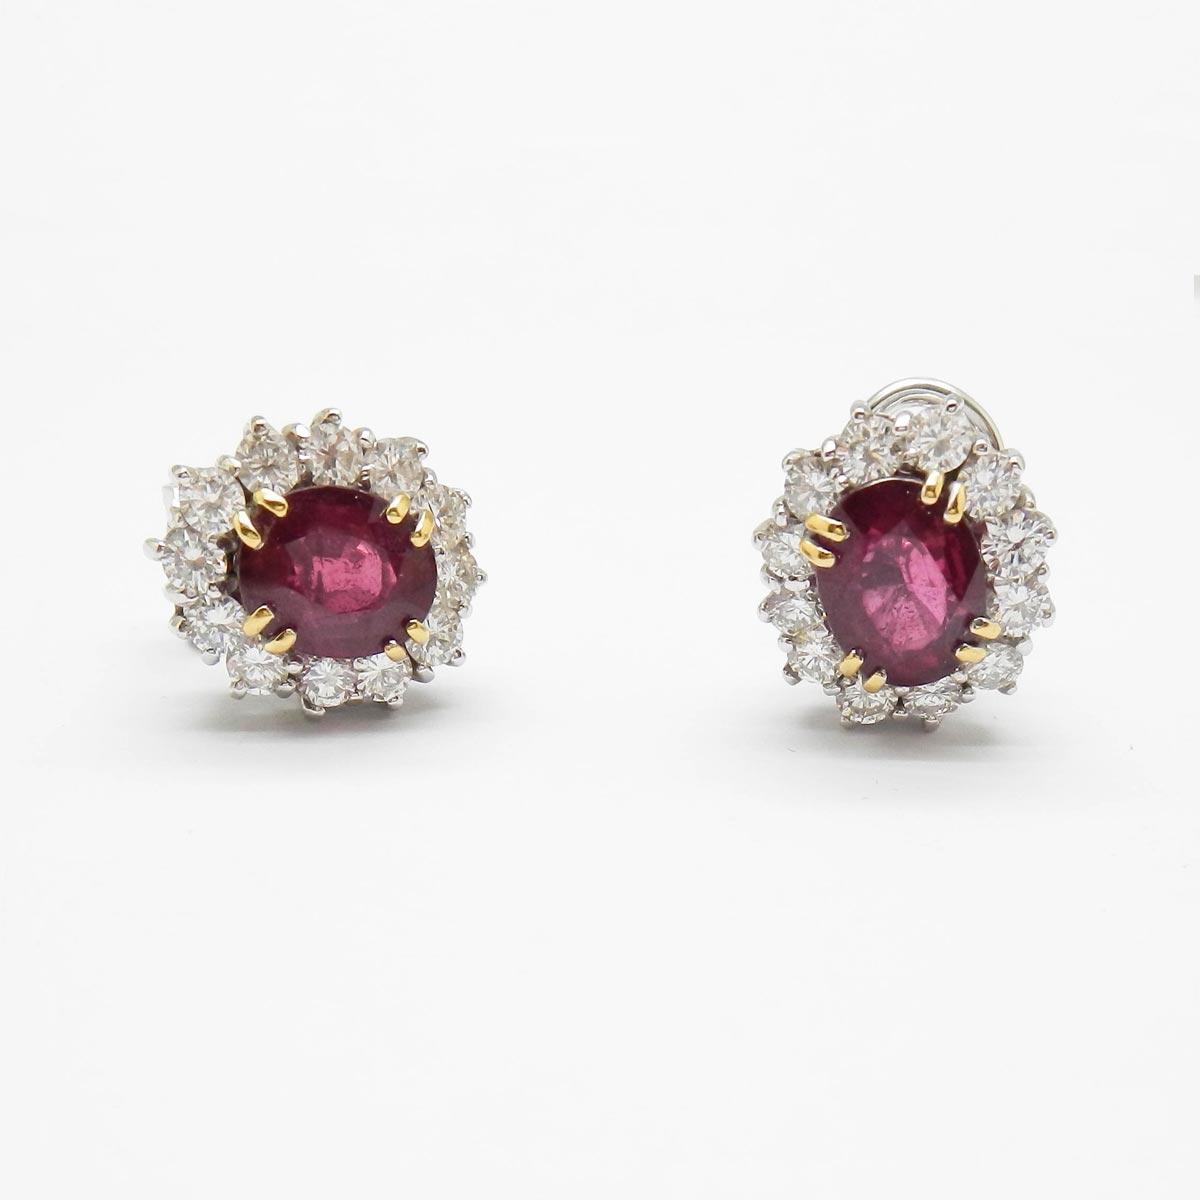 il-marchese-diamonds-diamanti-gioielli-artigianali-orecchini-rubino-oro-bianco-1